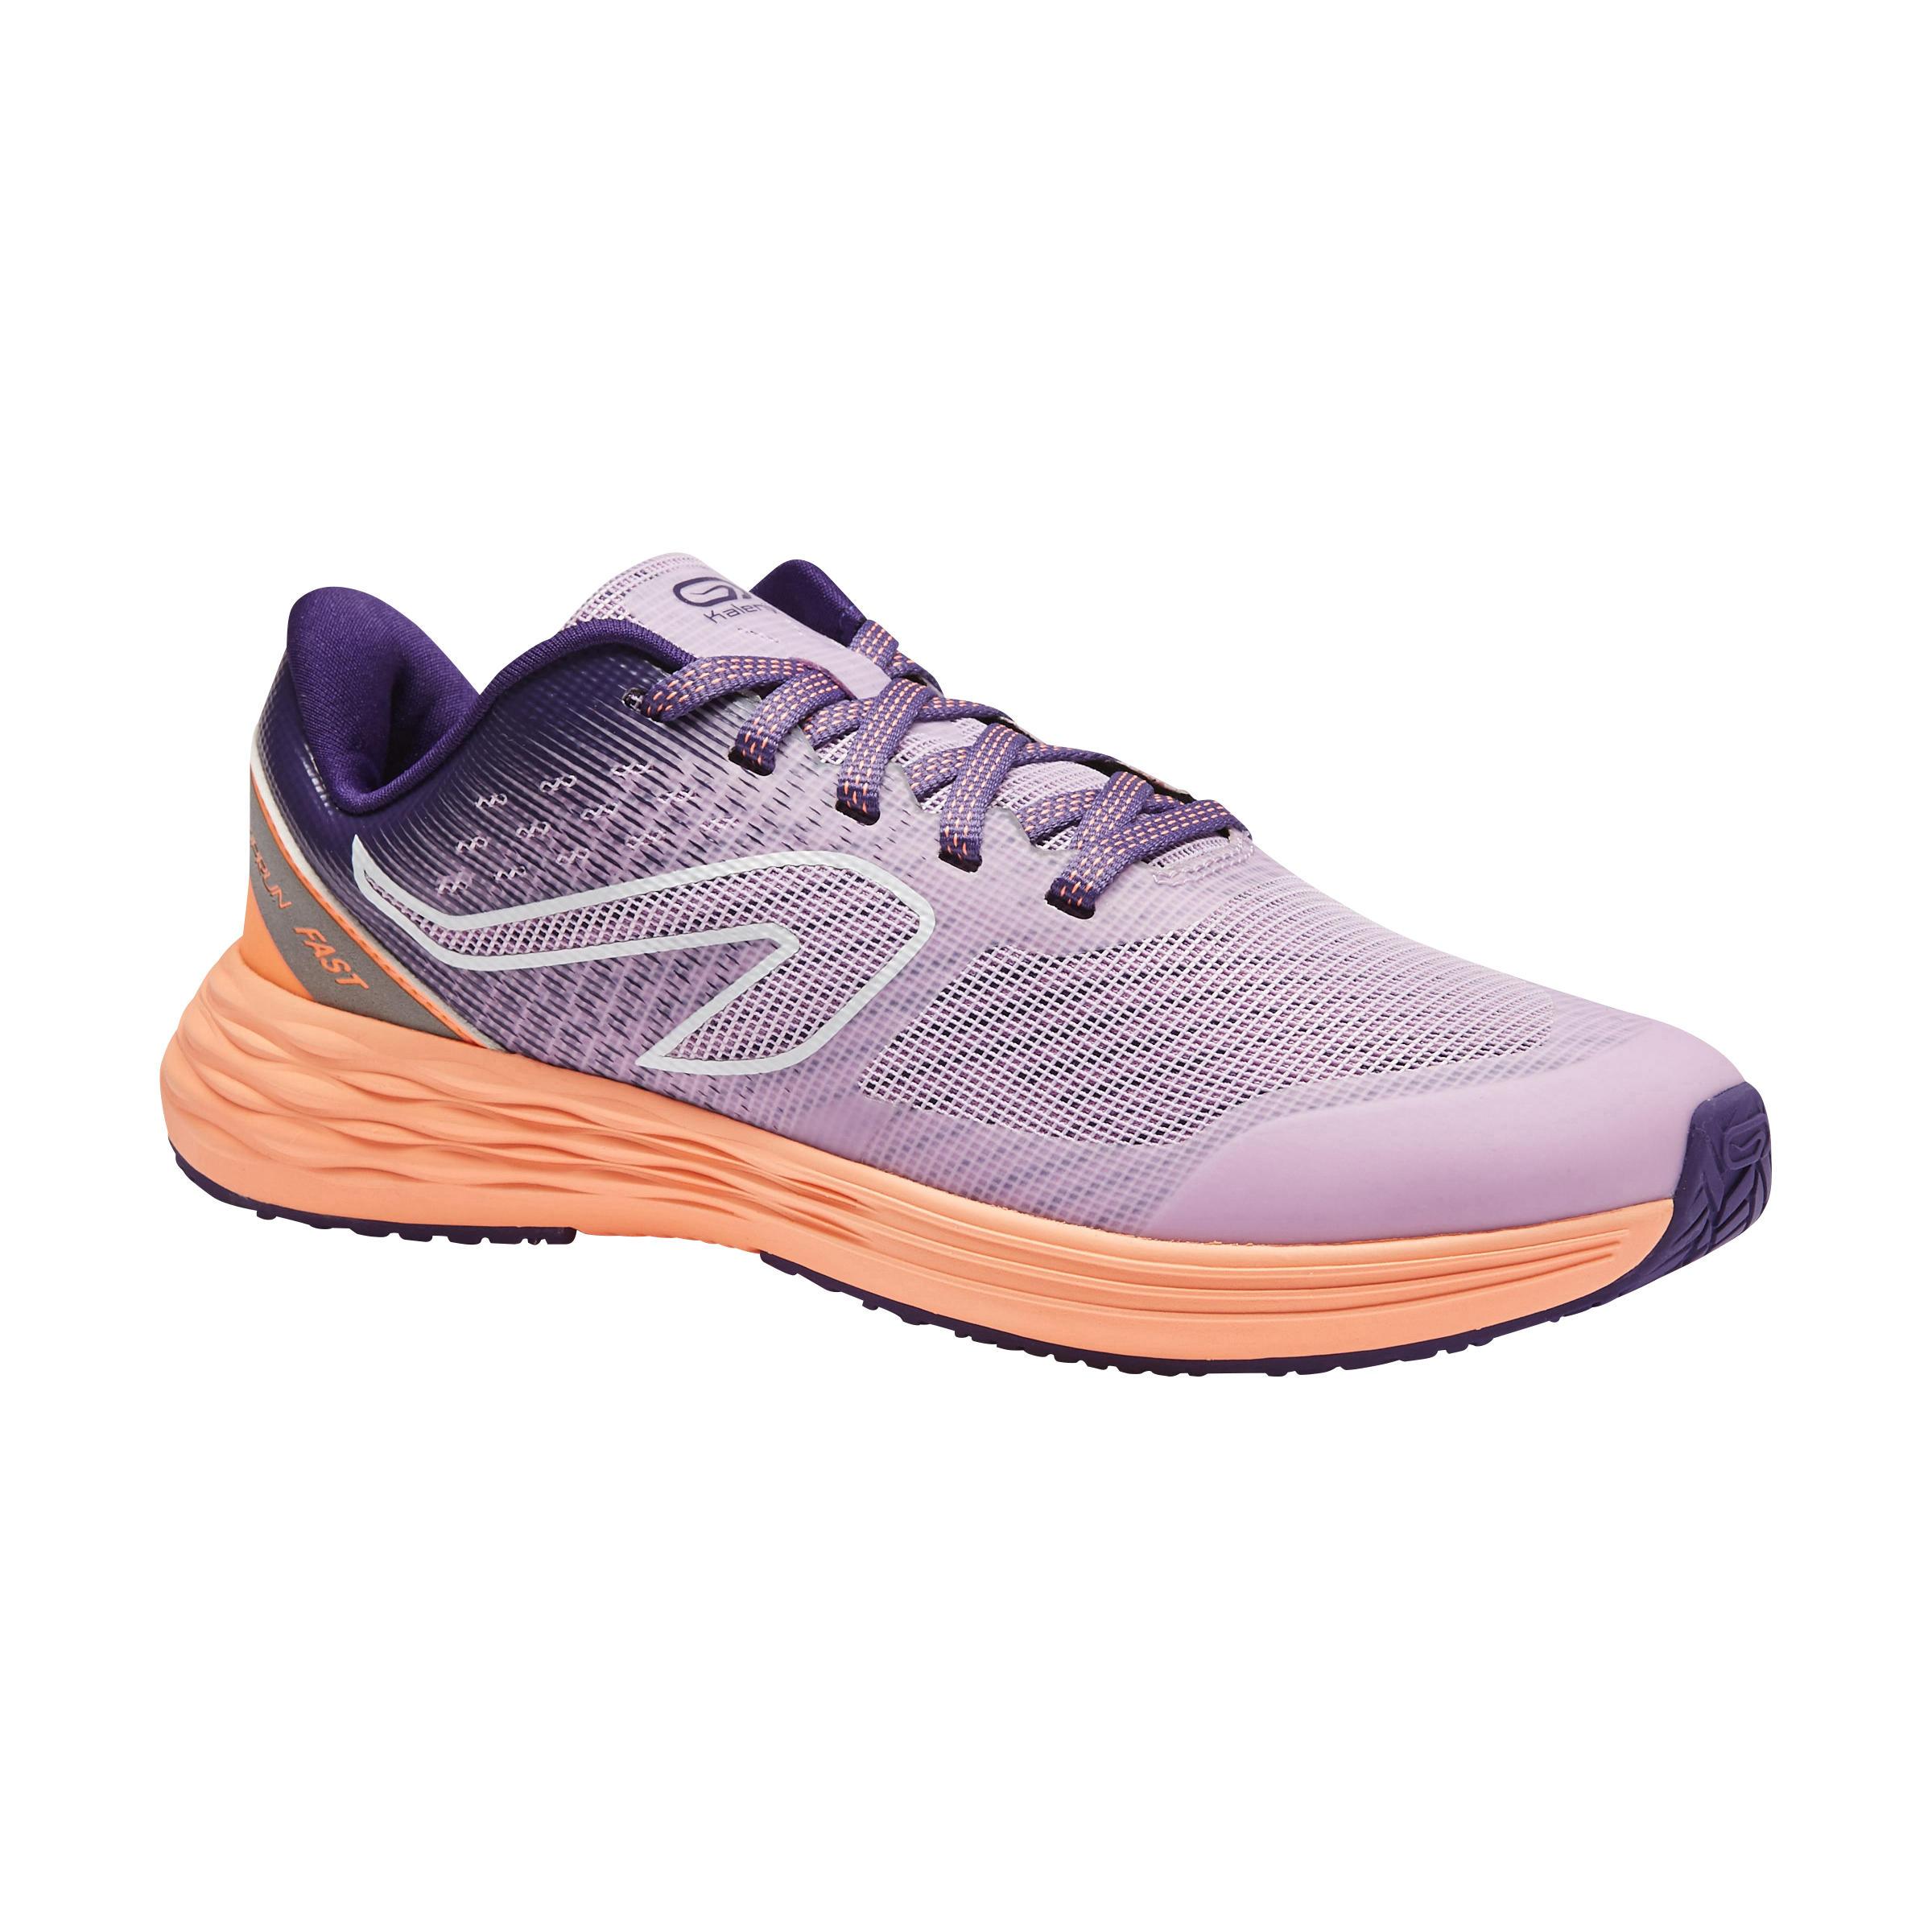 alta calidad Mitad de precio calidad confiable Comprar Zapatillas de atletismo para correr de niño | Decathlon